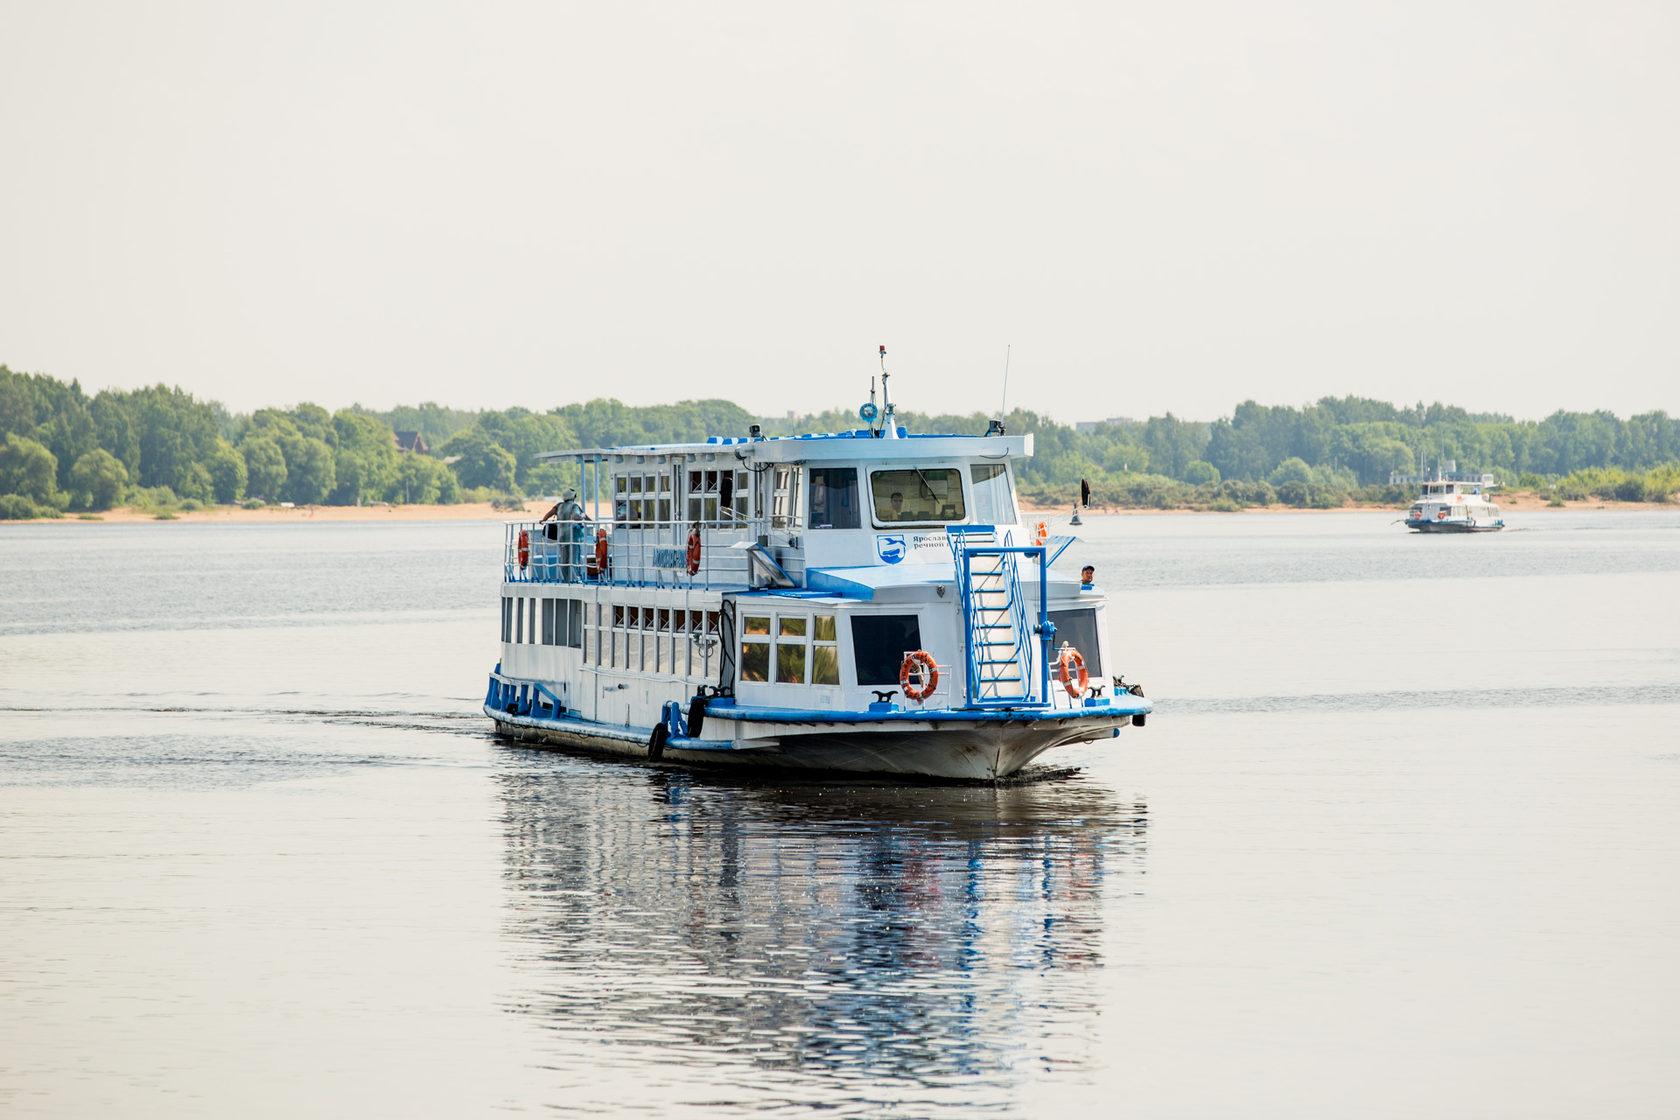 Более 360 тысяч пассажиров перевезли в Ярославской области за период водной навигации 2020 года